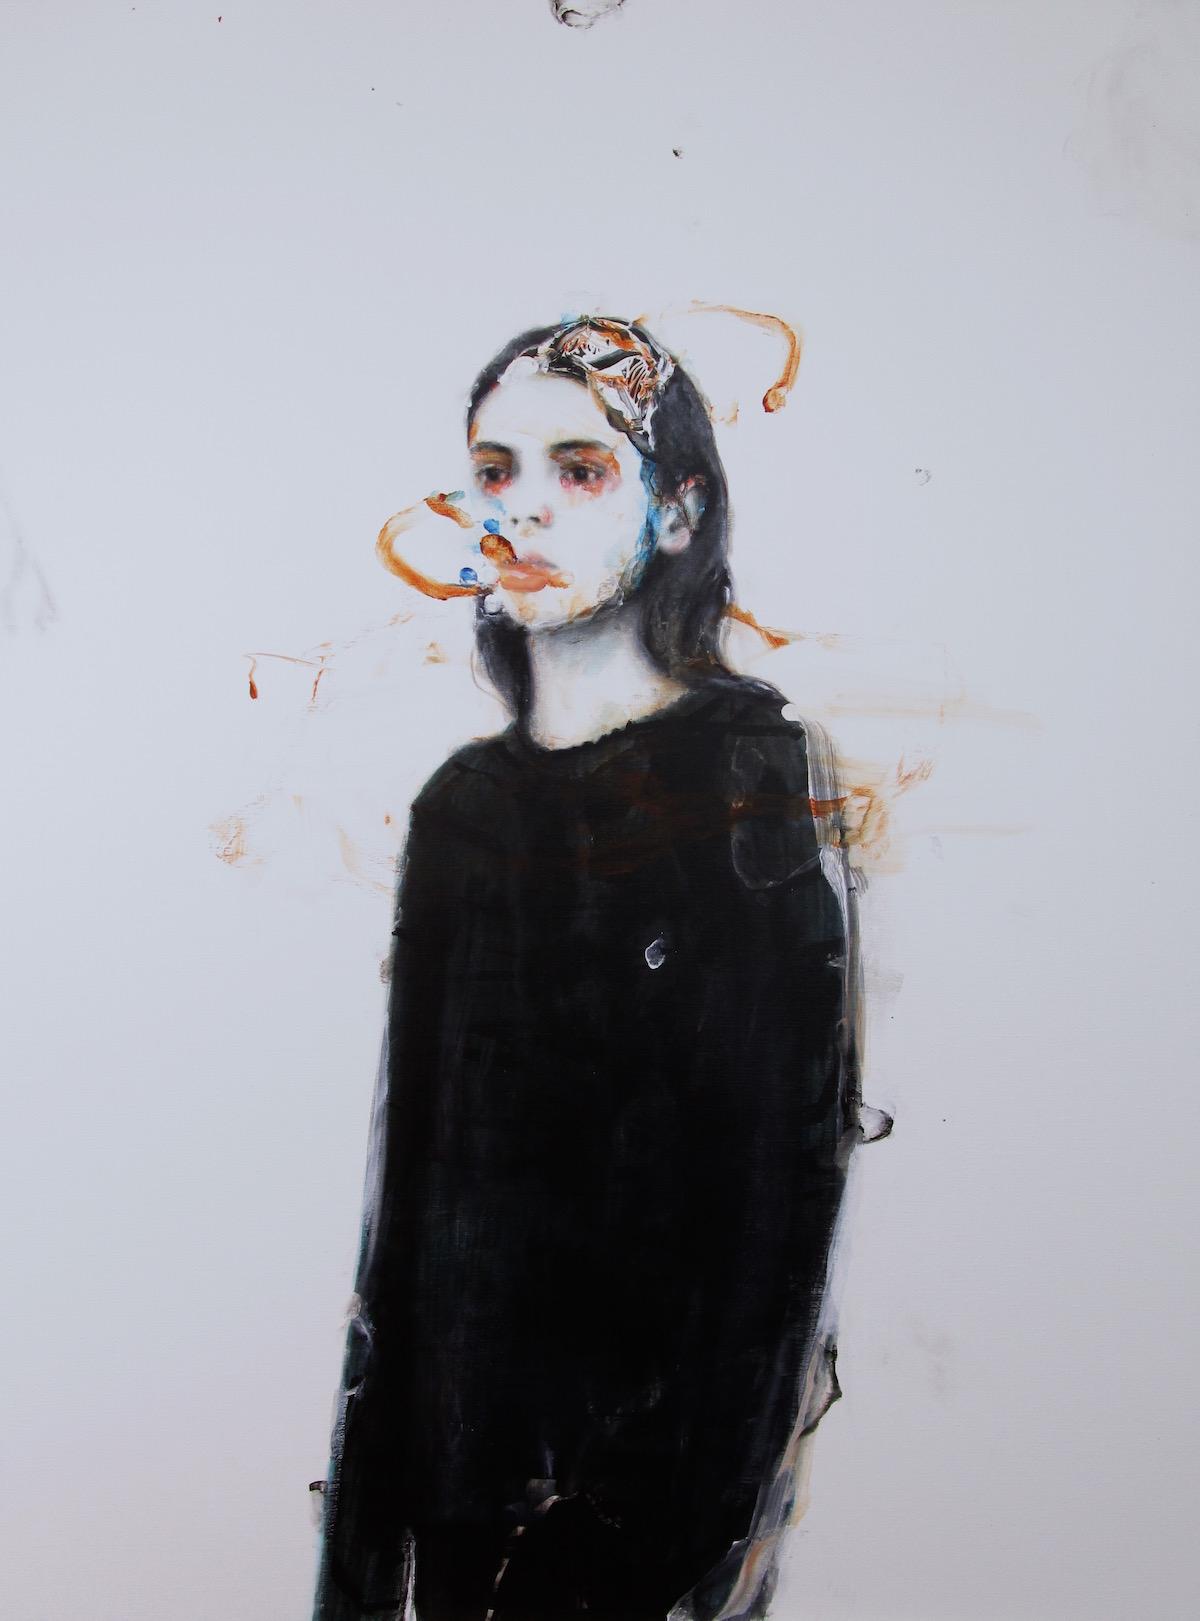 Antoine Cordet canvas toile peinture painting portrait art artist artiste peintre oil acrylic nascar